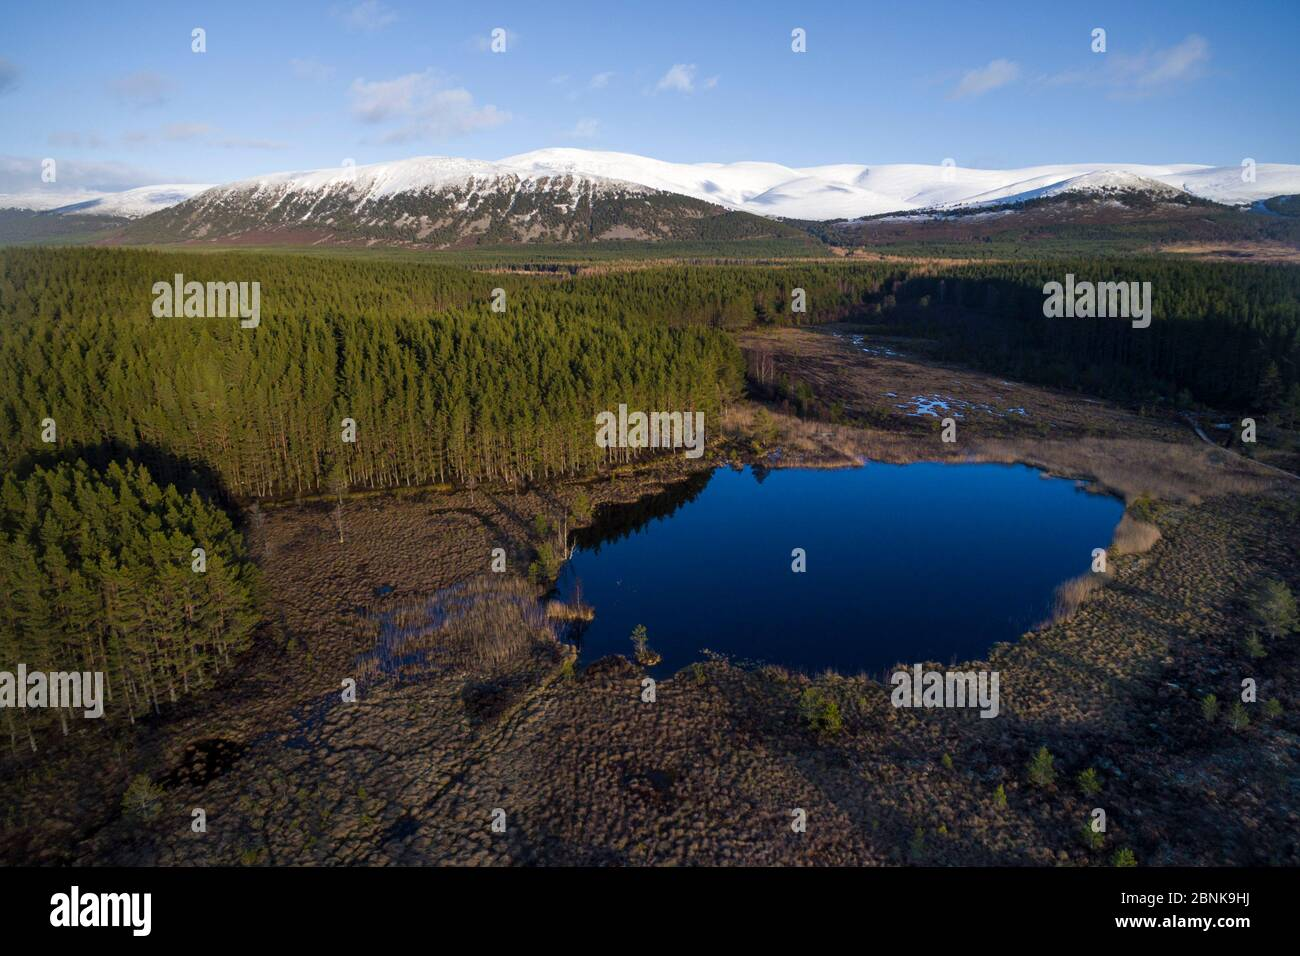 Lochan avec forêt de pins et montagnes enneigées derrière, le Parc National de Cairngorms, en Écosse, au Royaume-Uni, en mars 2016. Banque D'Images